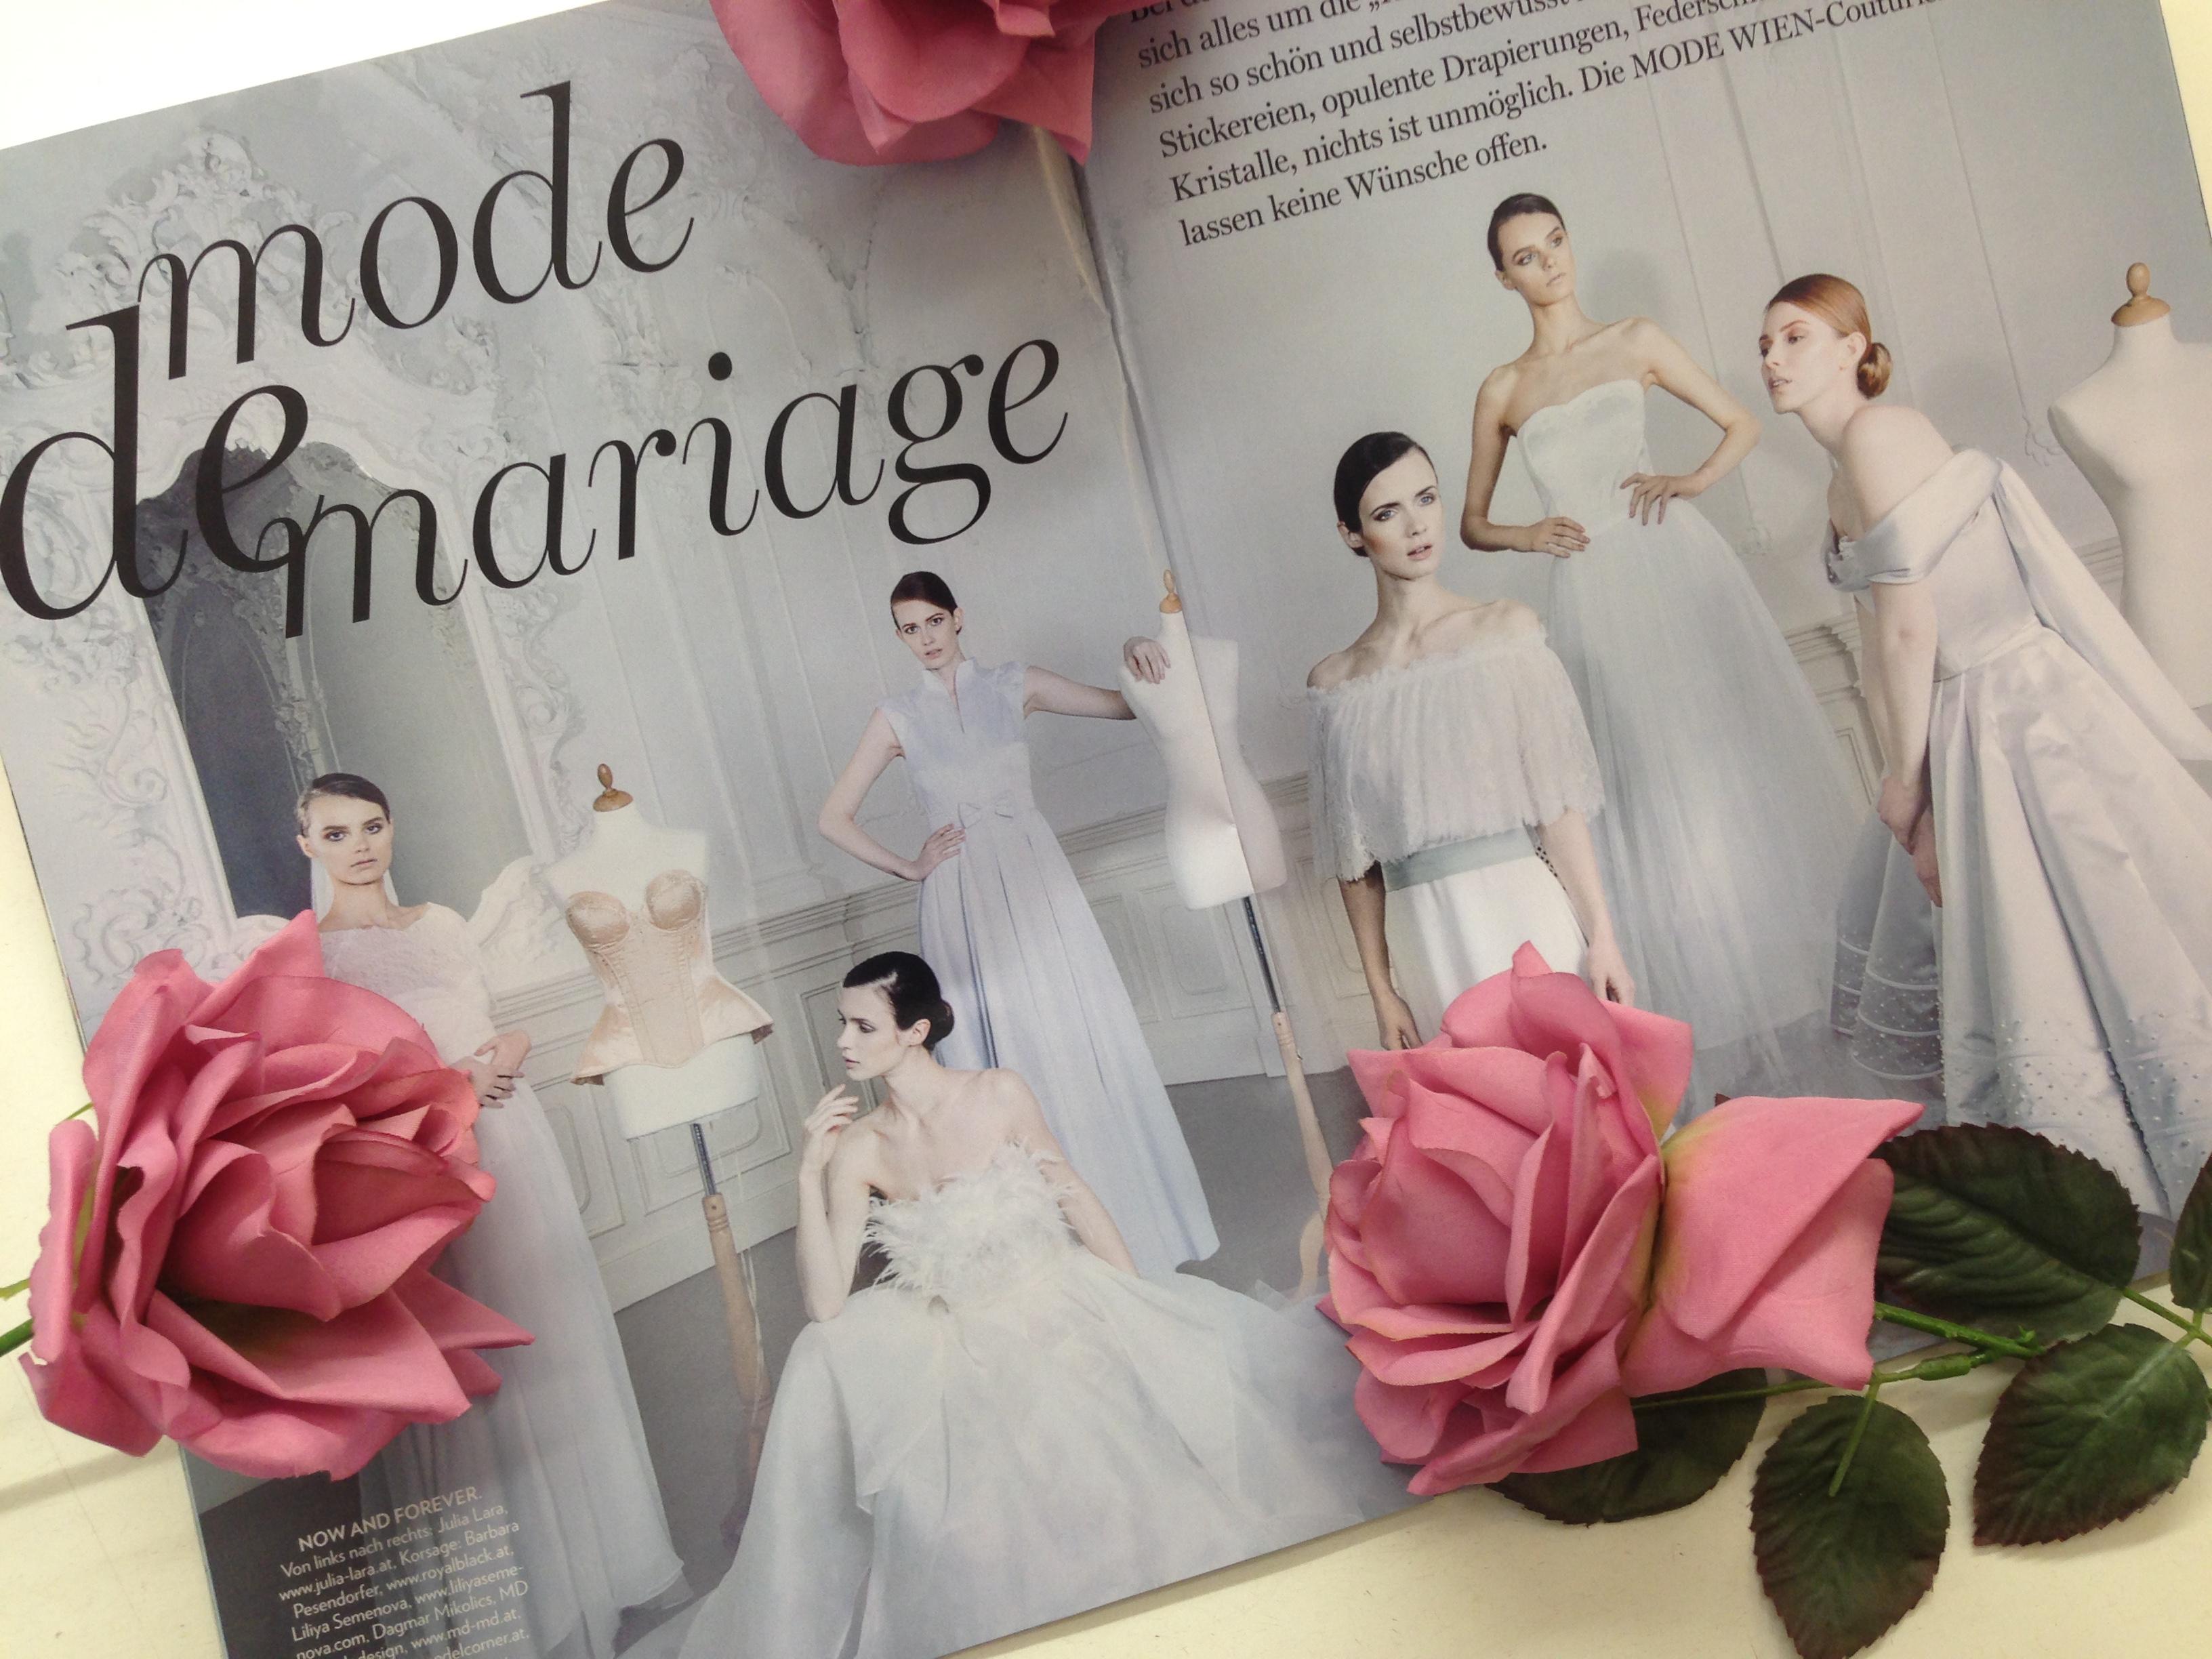 Mode Wien Hochzeitskleid MDModedesign